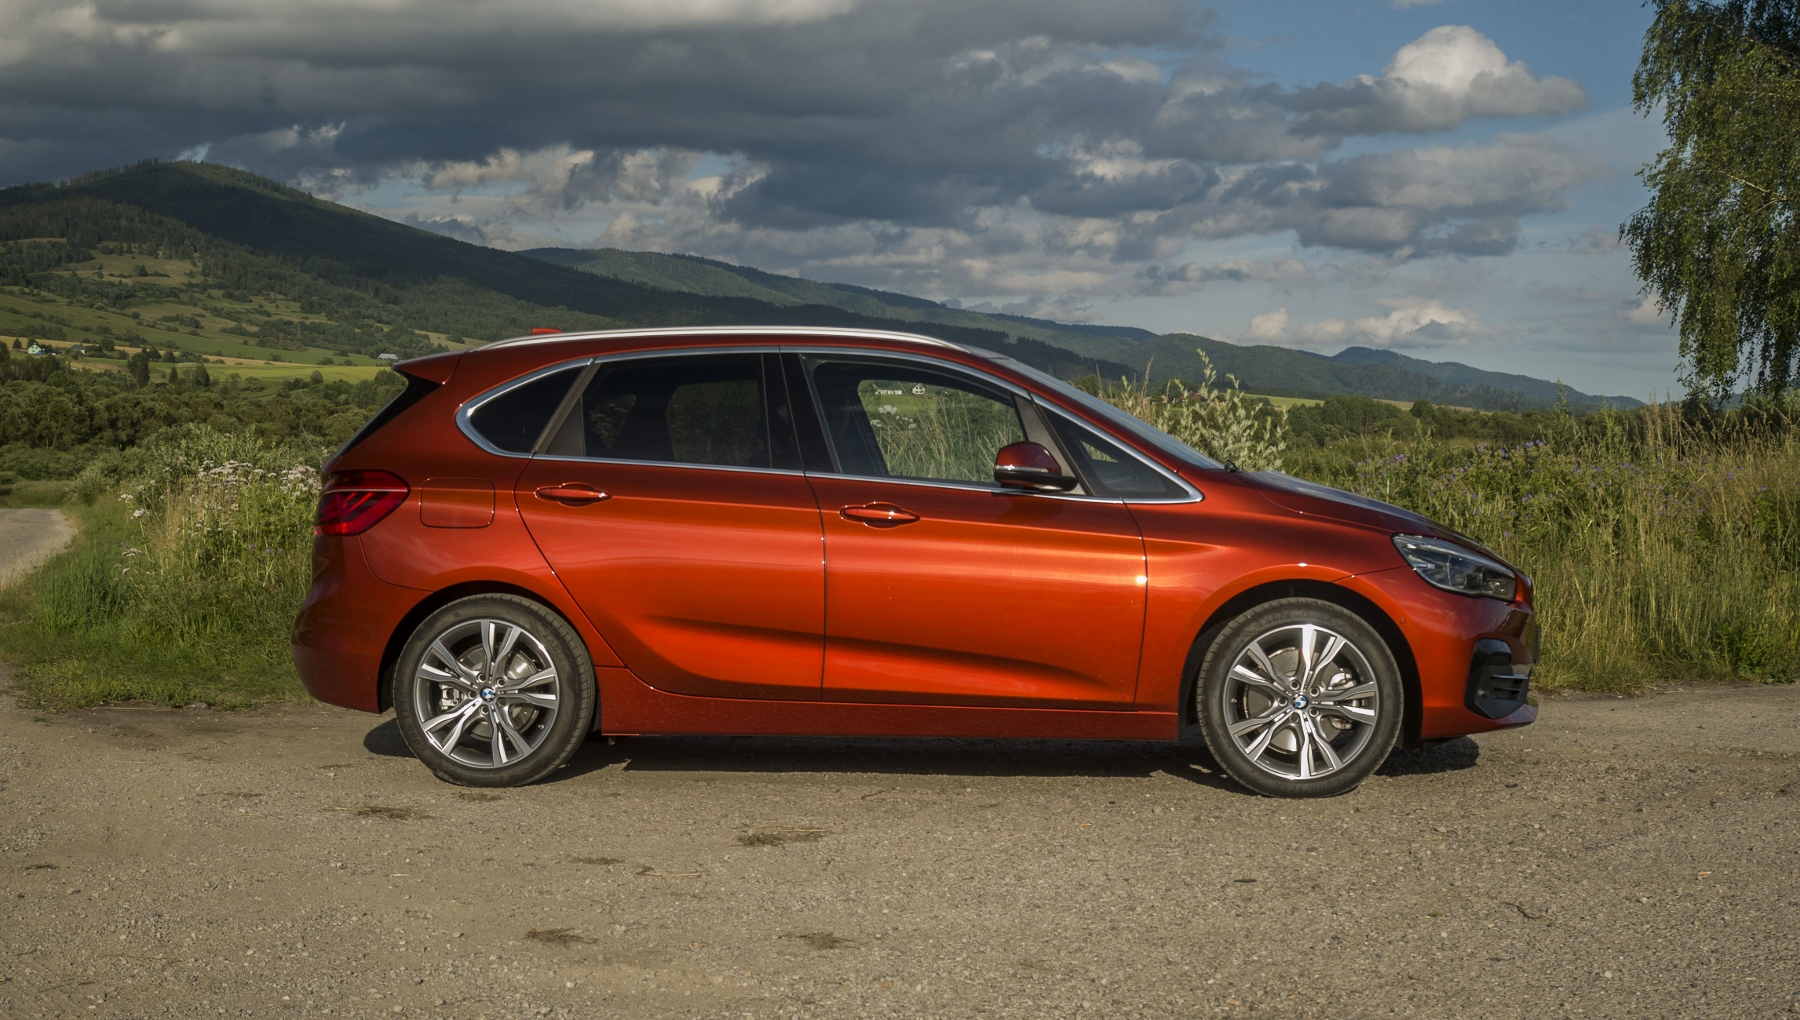 BMW 225 xe (11)